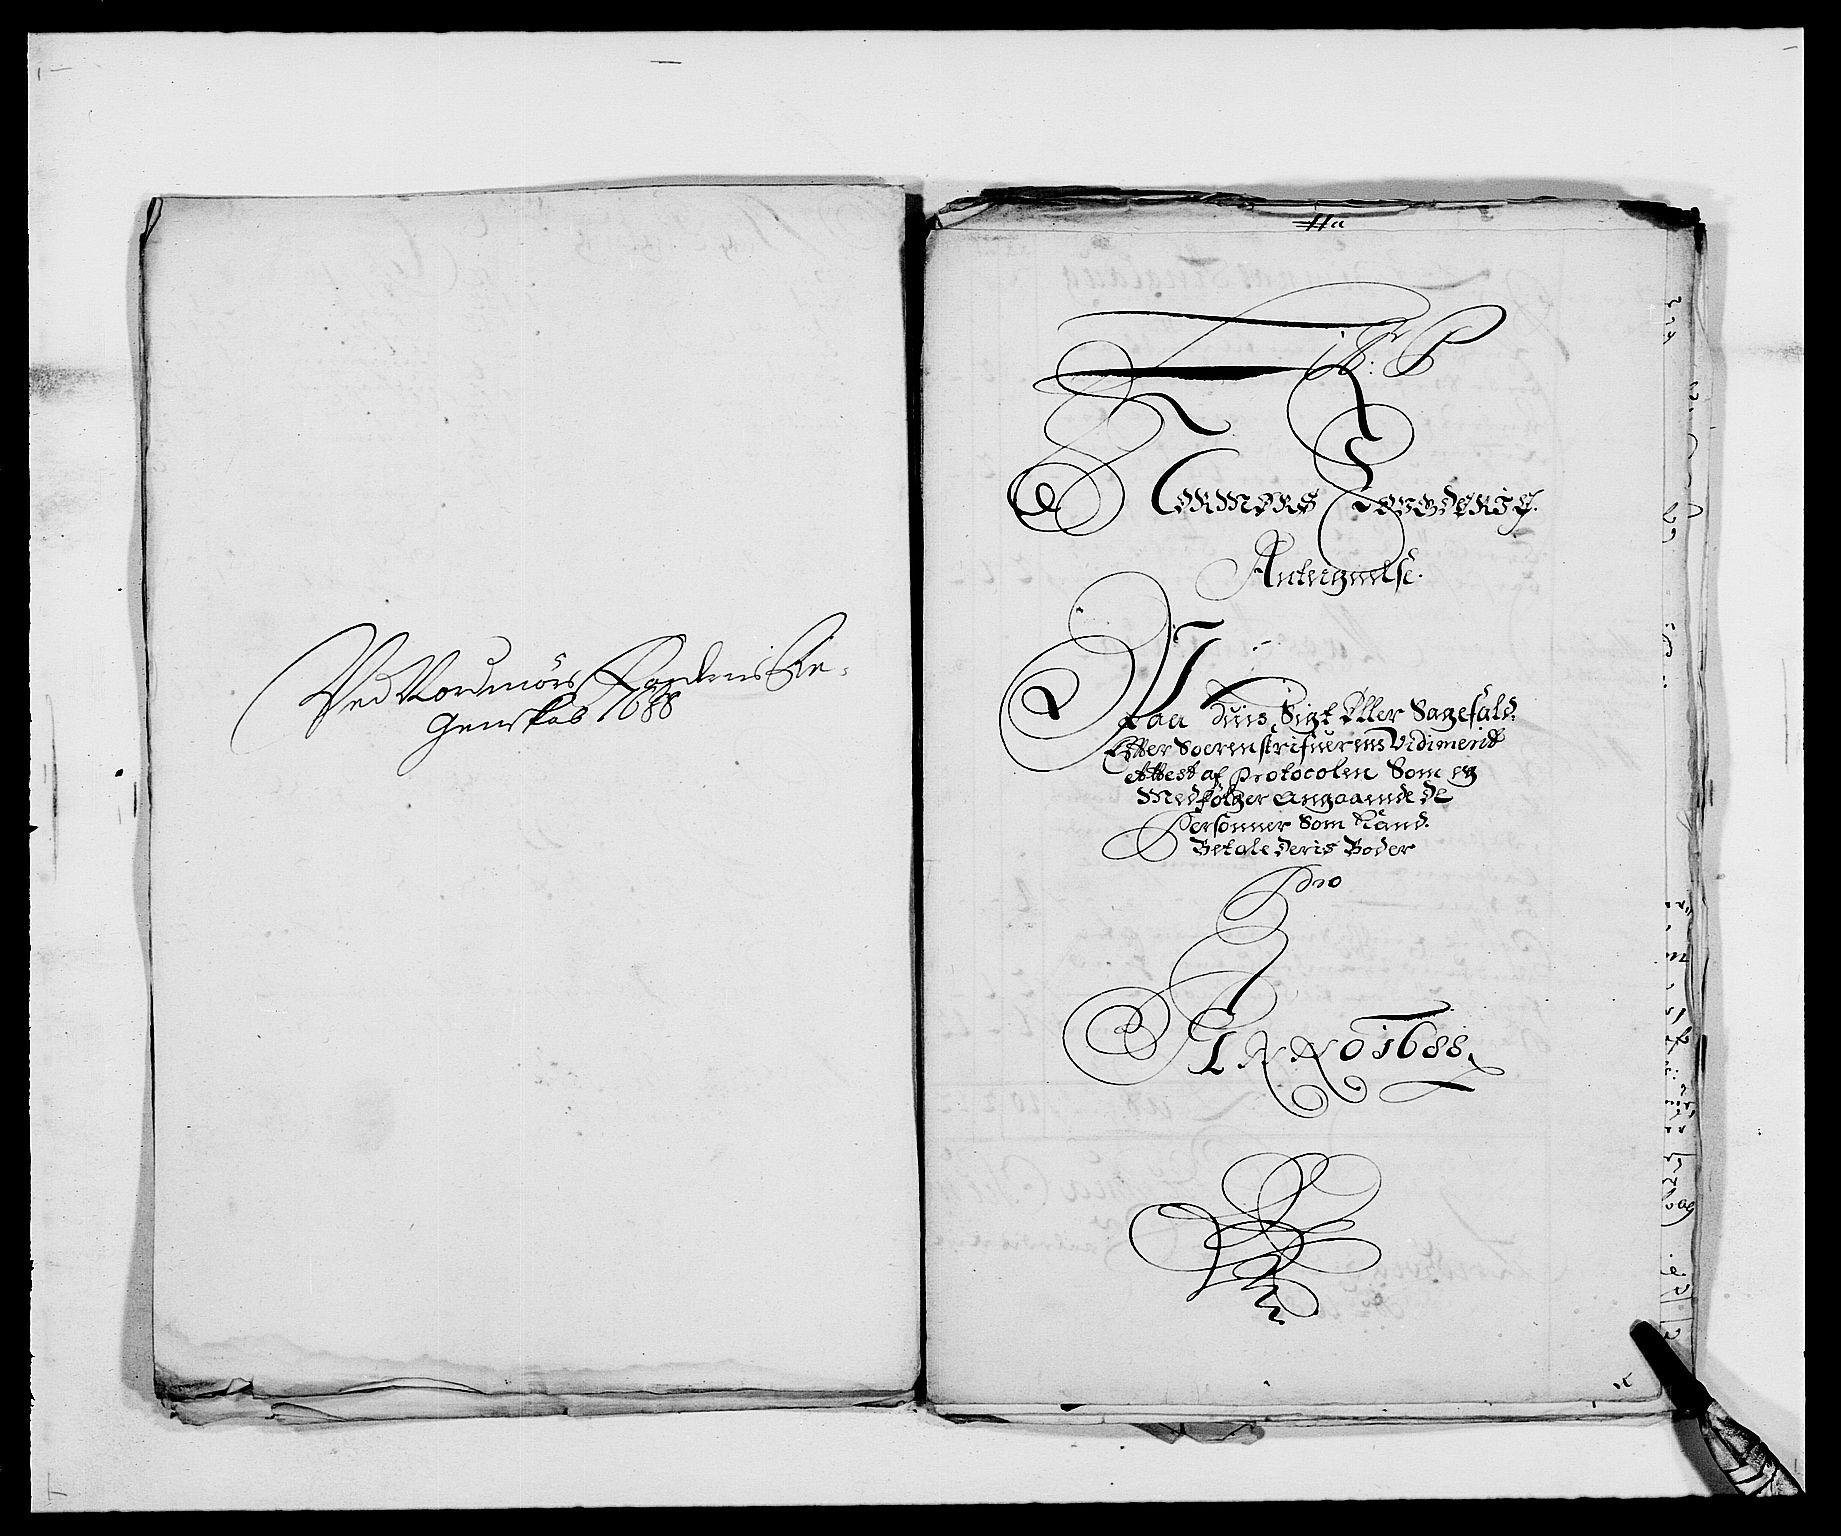 RA, Rentekammeret inntil 1814, Reviderte regnskaper, Fogderegnskap, R56/L3733: Fogderegnskap Nordmøre, 1687-1689, s. 317